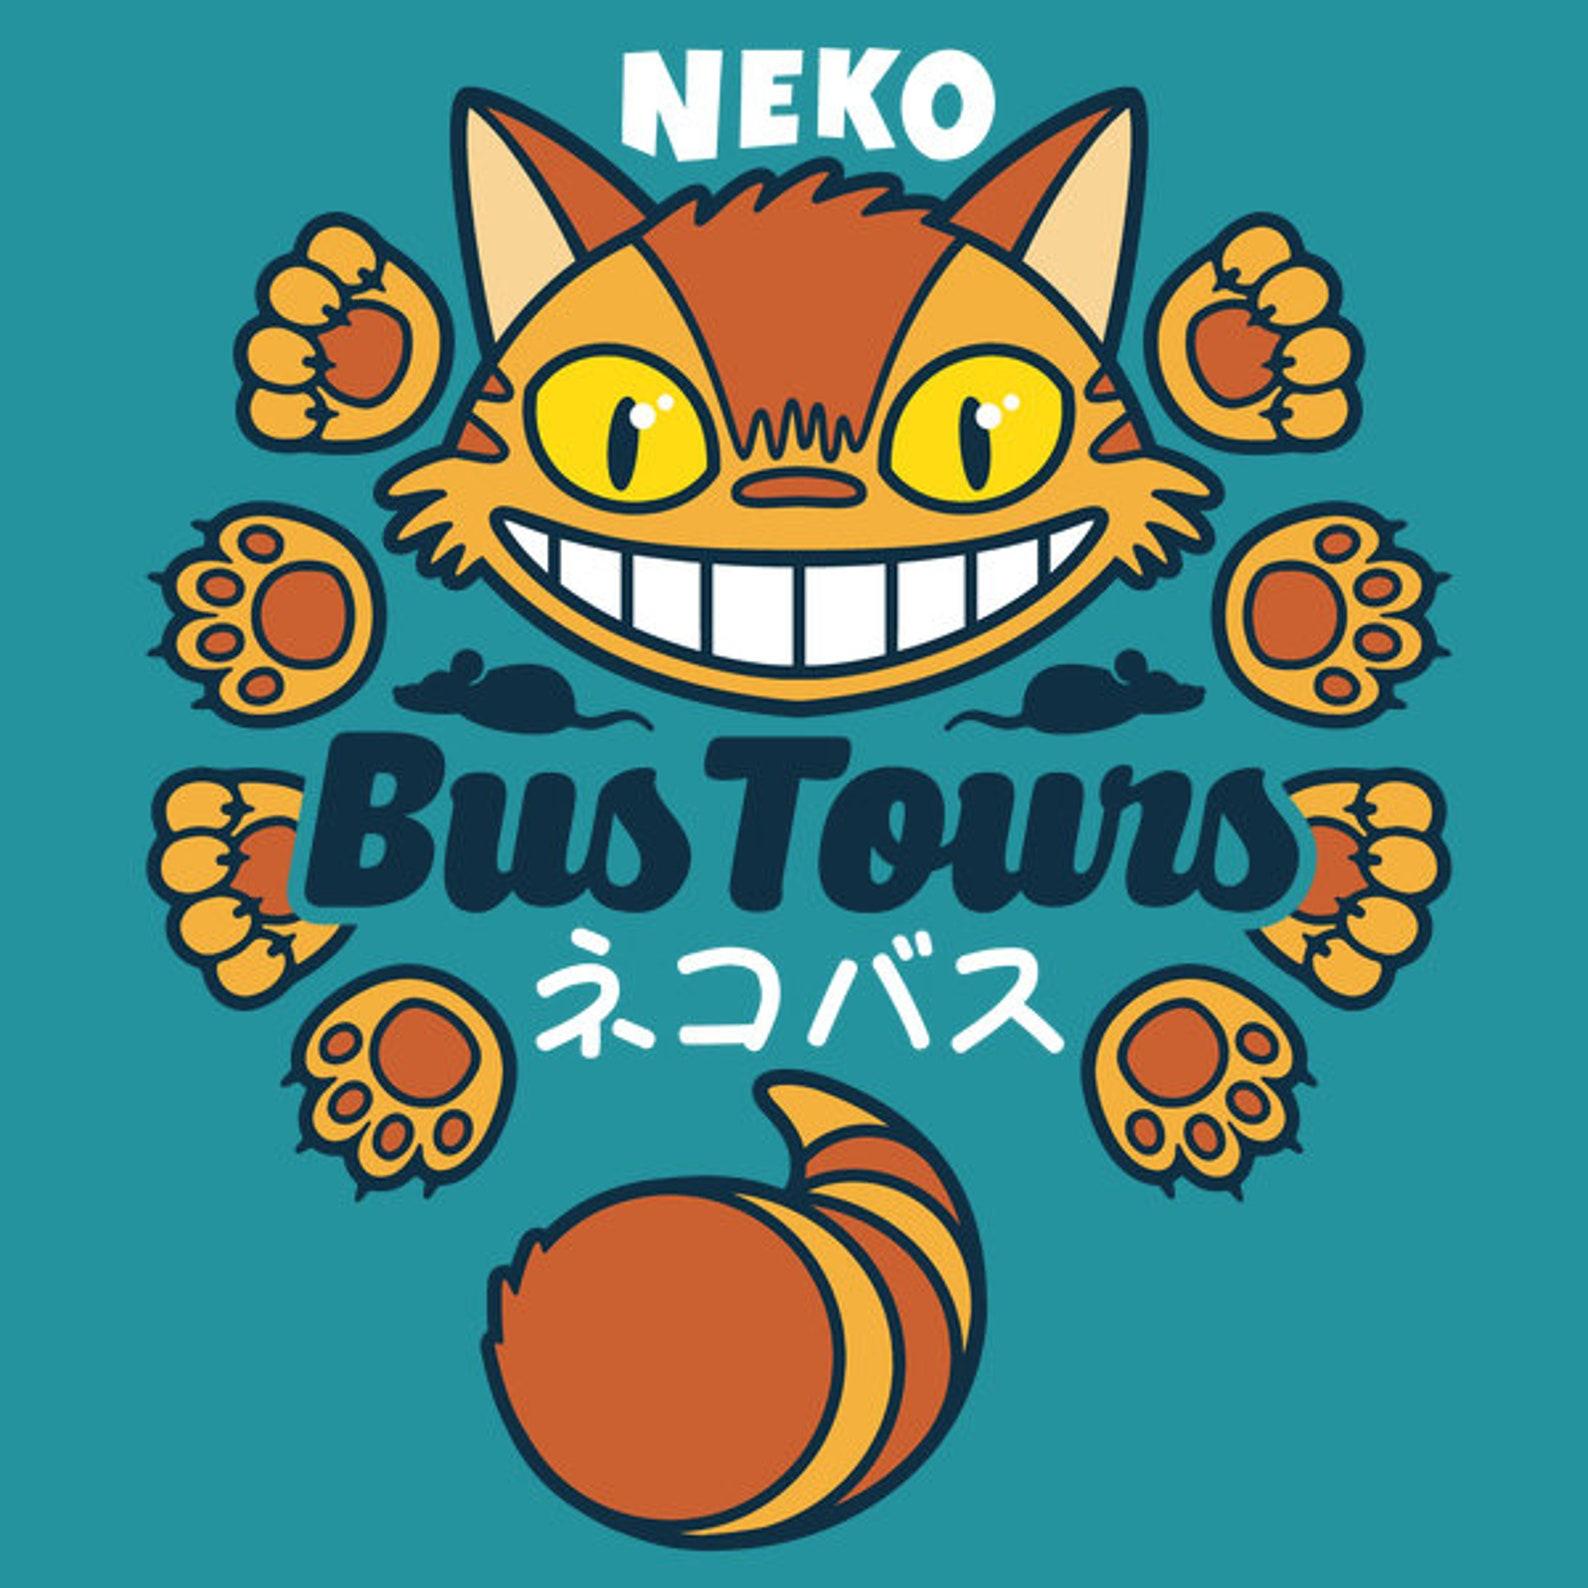 Catbus Tours Shirt